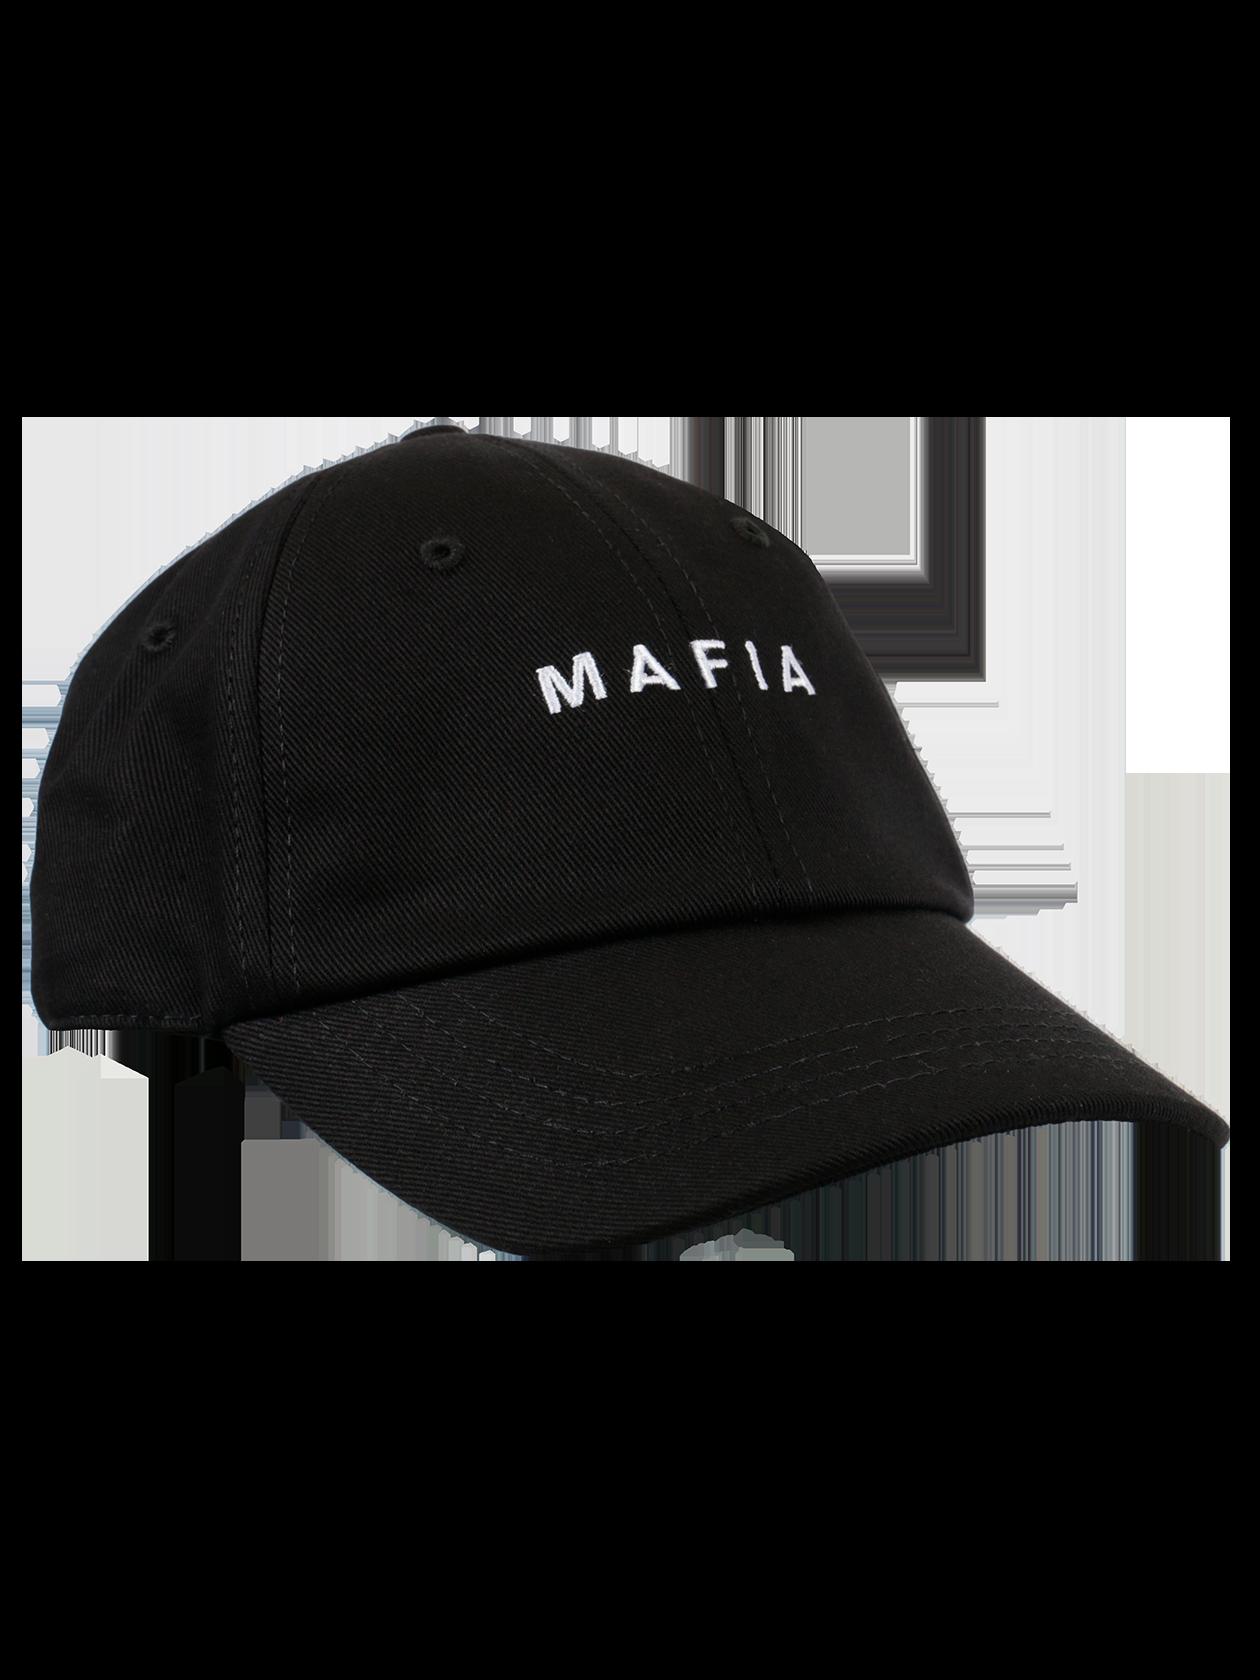 Кепка унисекс MAFIA BSСтильная кепка унисекс Mafia BS лаконичной черной расцветки идеально подходит для создания повседневного и спортивного стиля. Модель классического дизайна с пятью клиньями, вентиляционными отверстиями и дугообразным широким козырьком. В передней части аксессуара оформлена вышивка с буквой «М» и словом «Mafia». Сзади имеется эластичная резинка, выполняющая фиксирующую функцию. Кепка из коллекции Black Star Wear отличается высоким качеством и практичностью за счет натурального материала.<br><br>Размер: Единый размер<br>Цвет: Черный<br>Пол: Унисекс